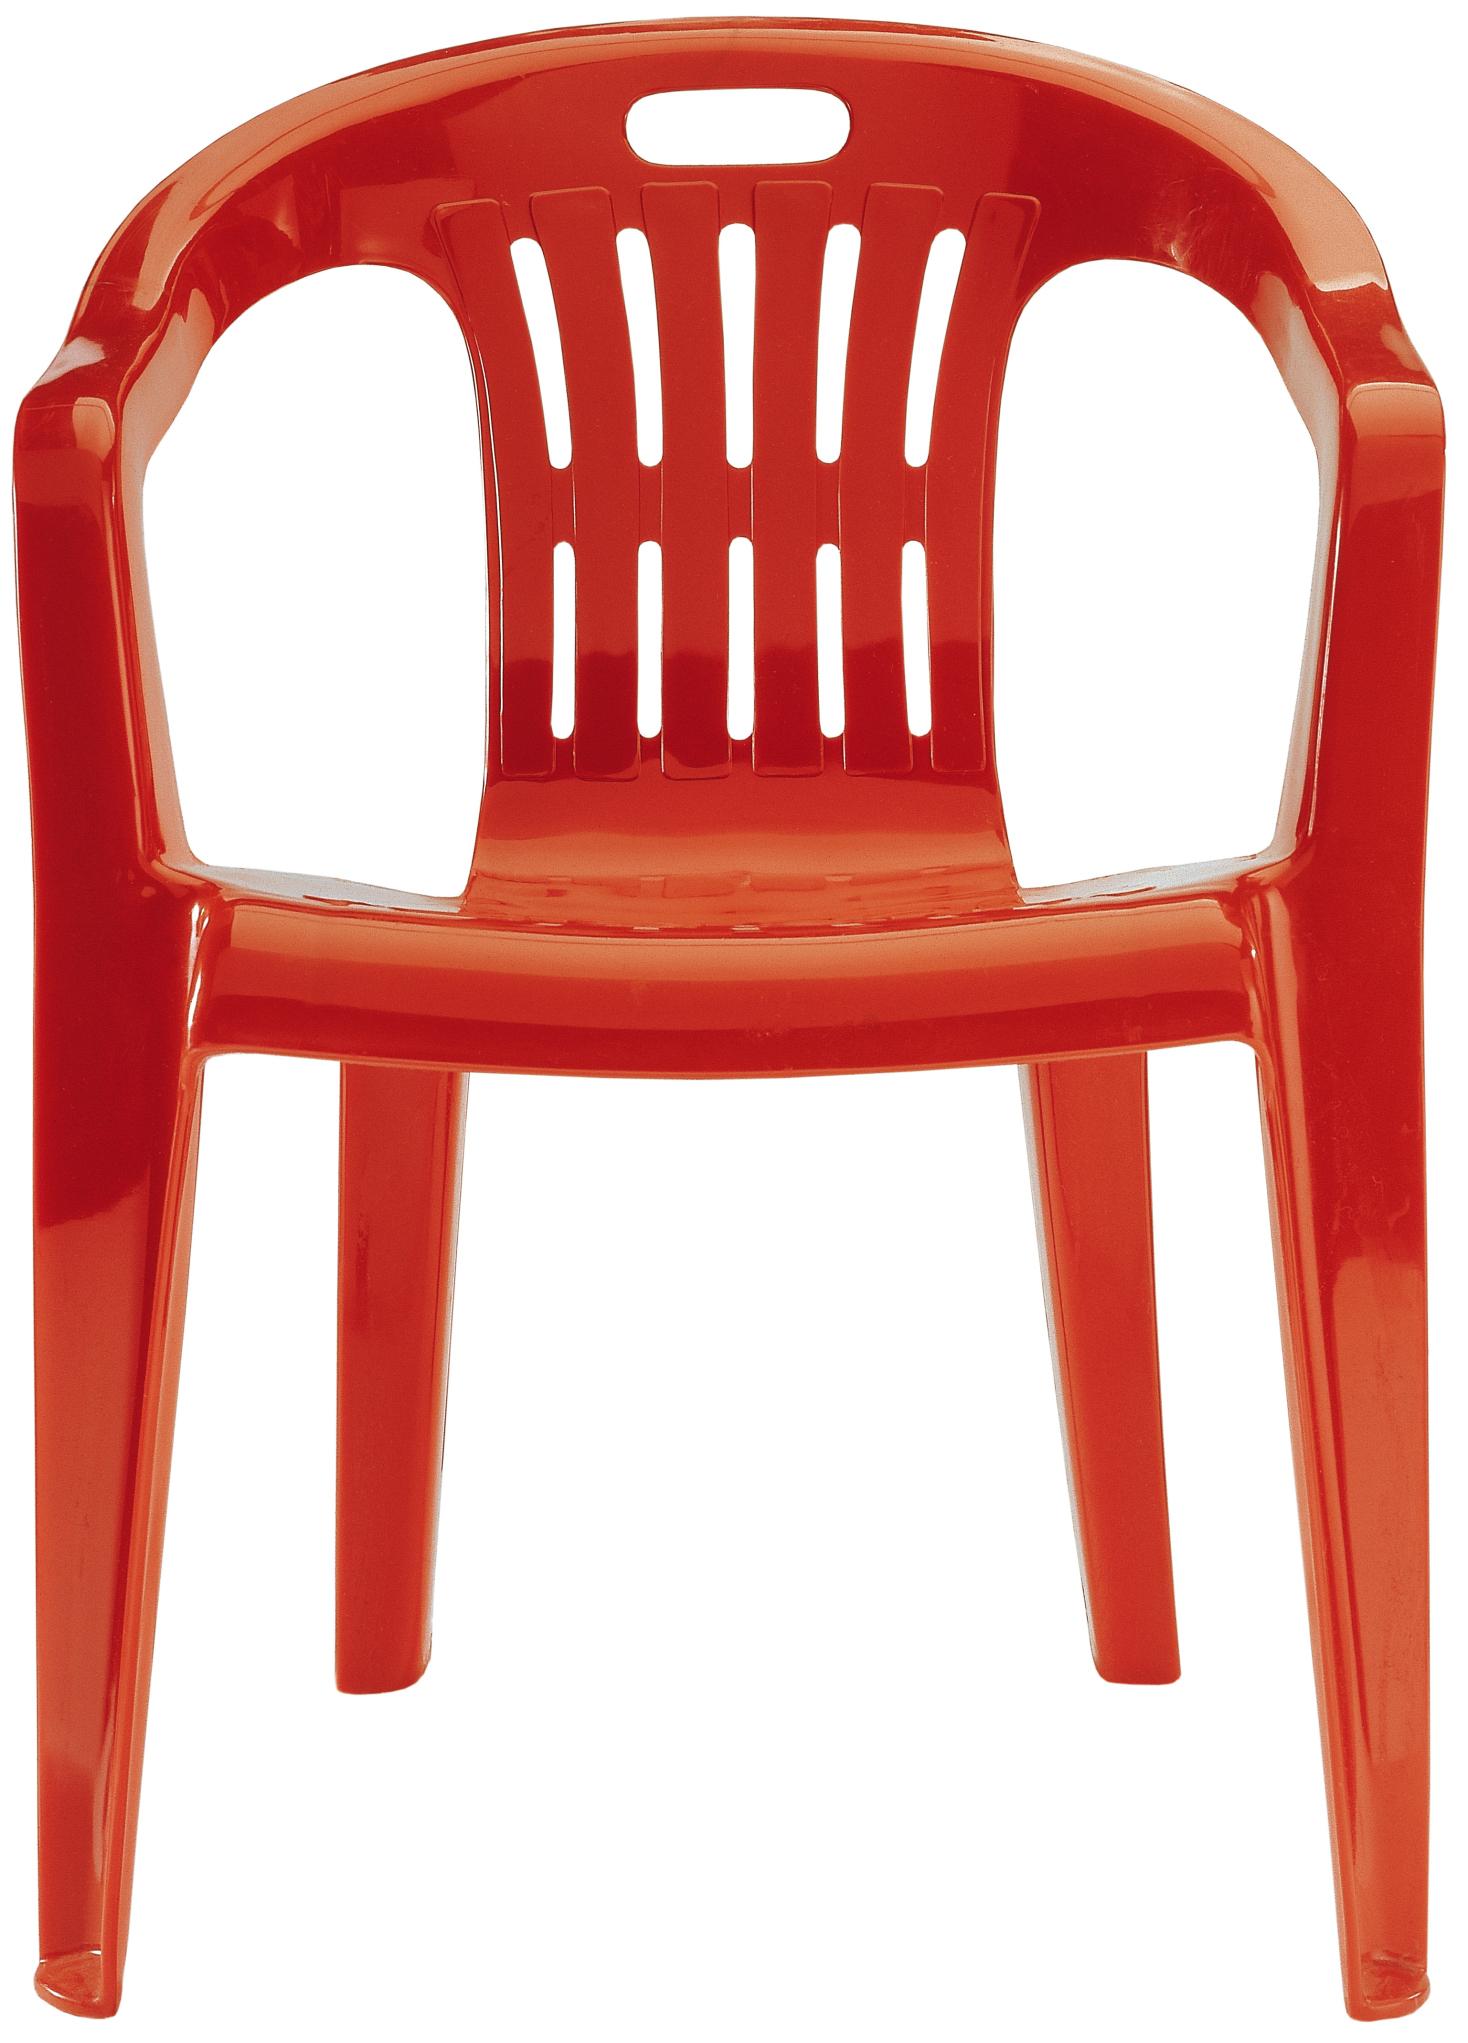 Como limpiar sillas de plastico blancas imagen titulada for Sillas de plastico